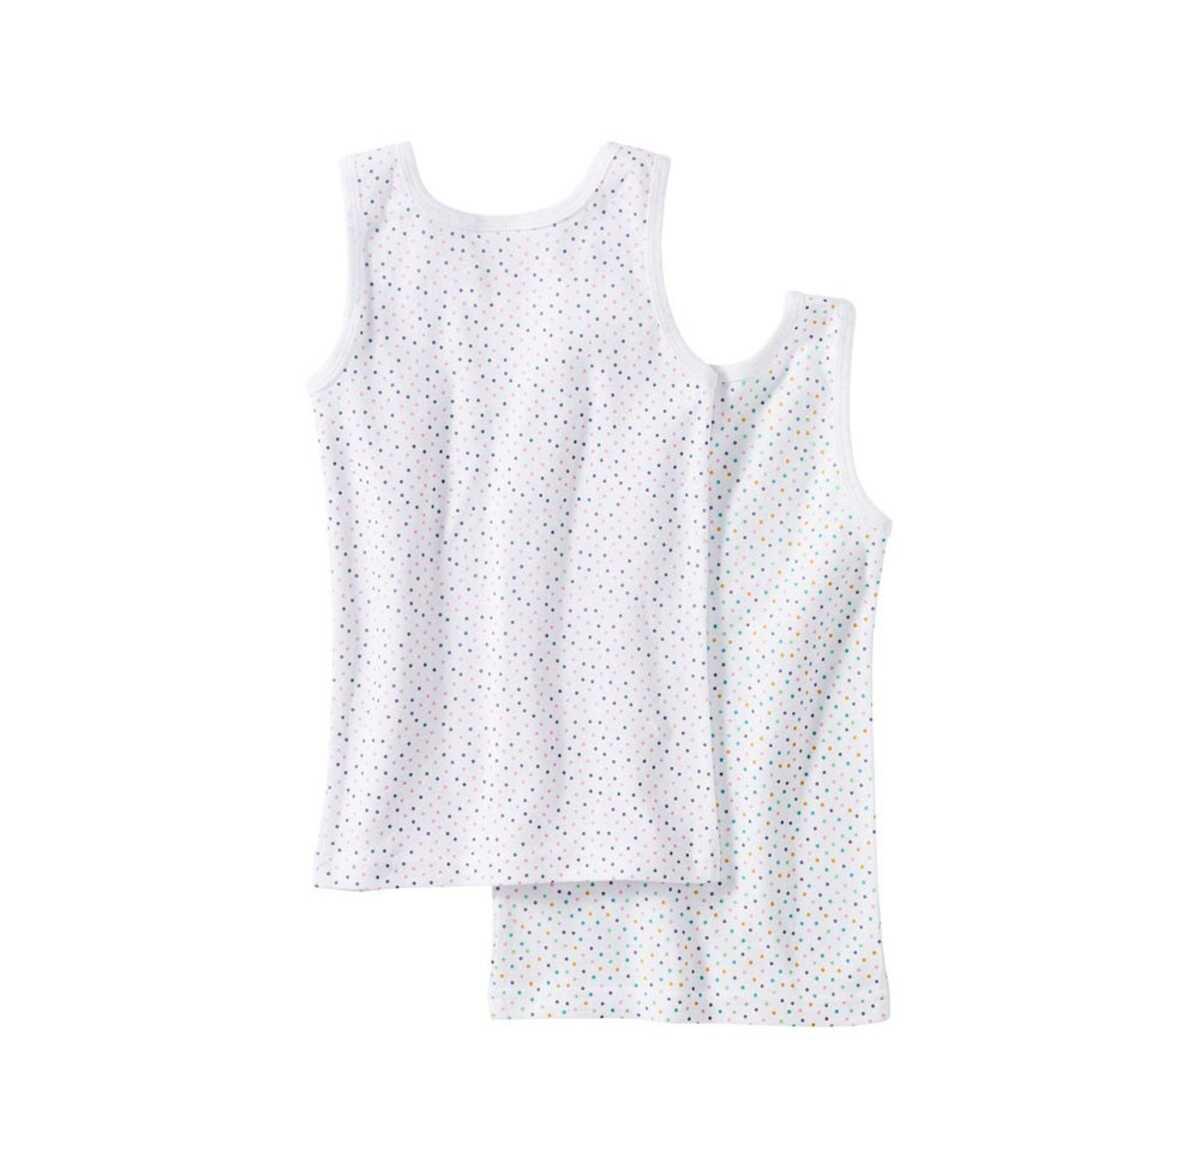 Bild 2 von Mädchen-Unterhemd mit bunten Punkten, 2er Pack